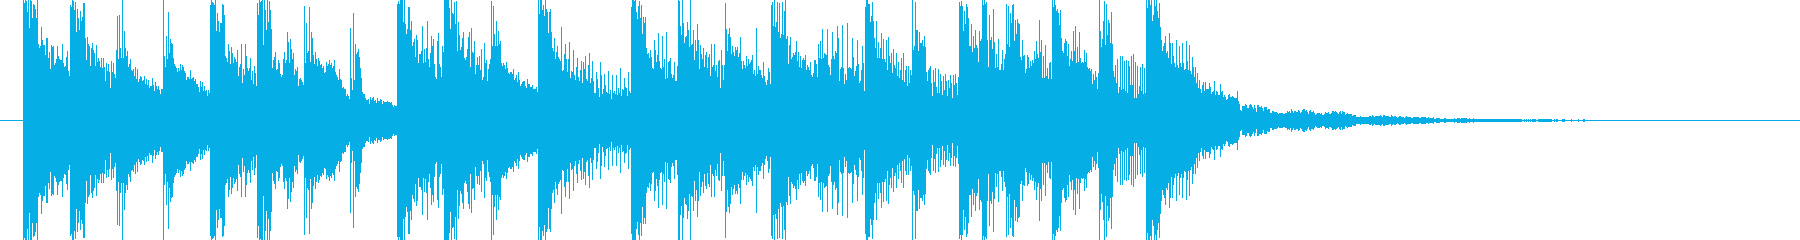 ラジオに合う爽やかポップジングル5の再生済みの波形